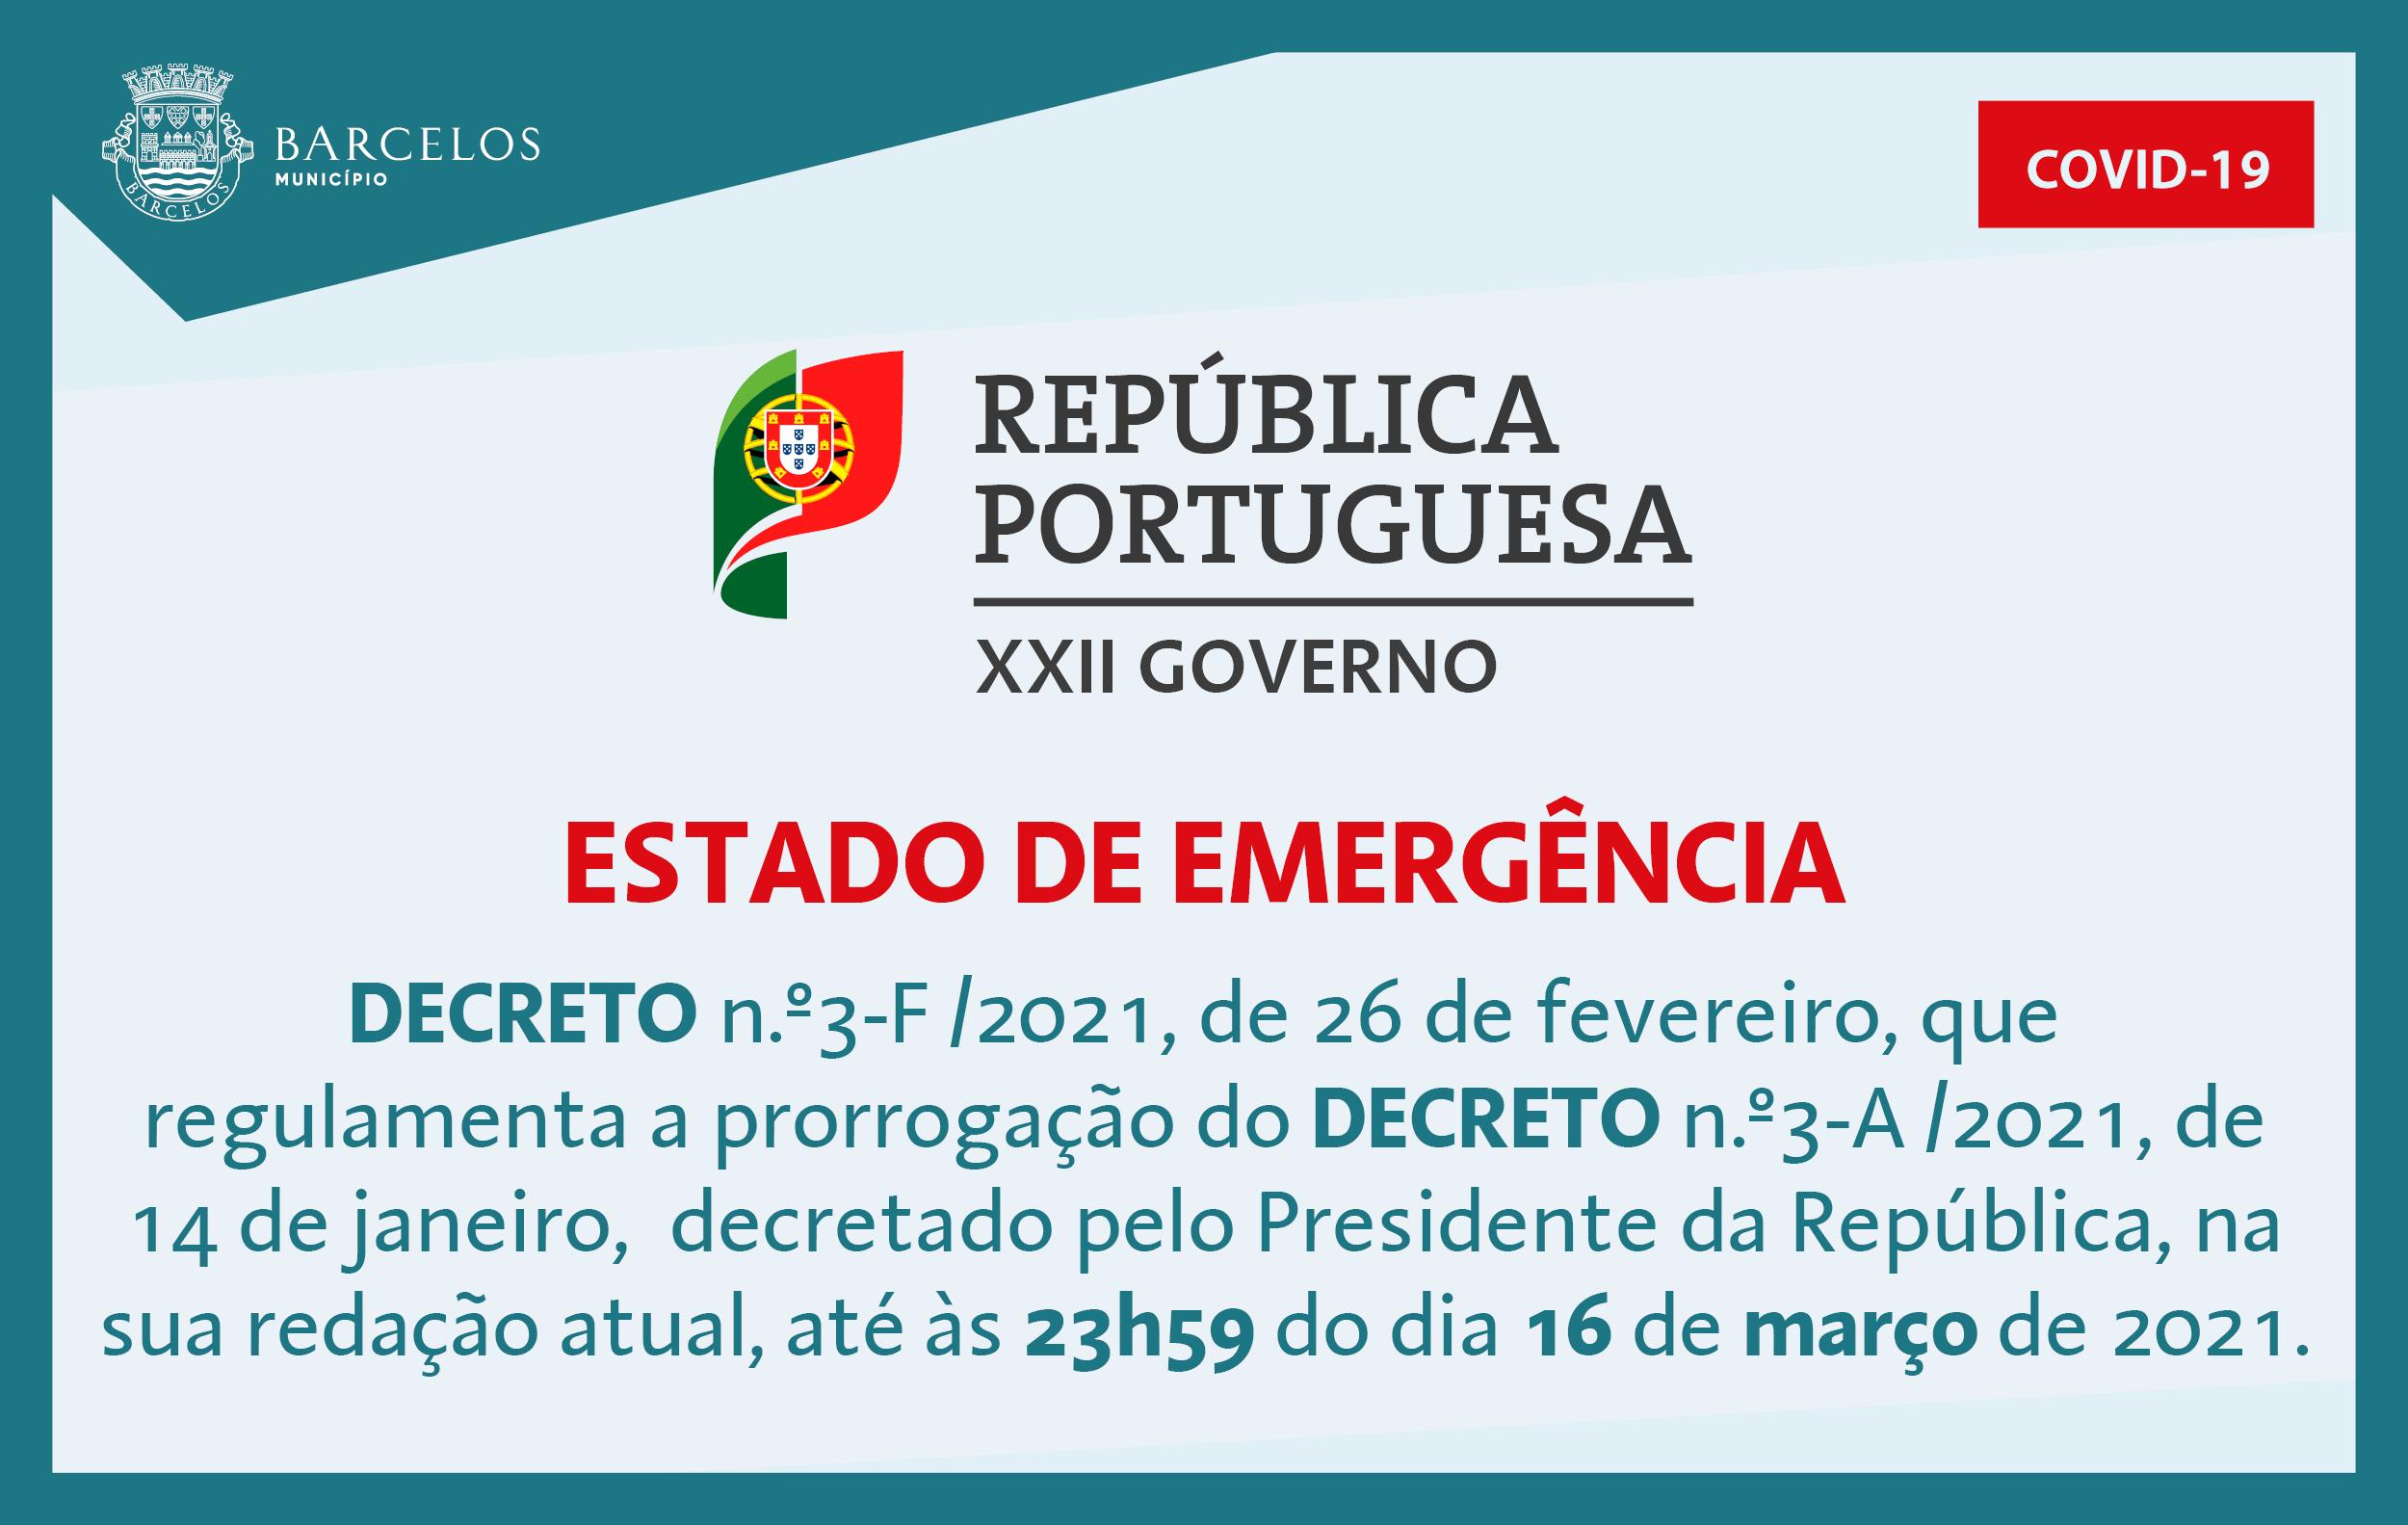 Decreto n.º3-F/2021, de 26 de fevereiro, que regulamenta e prorrogação do Estado de Emergência